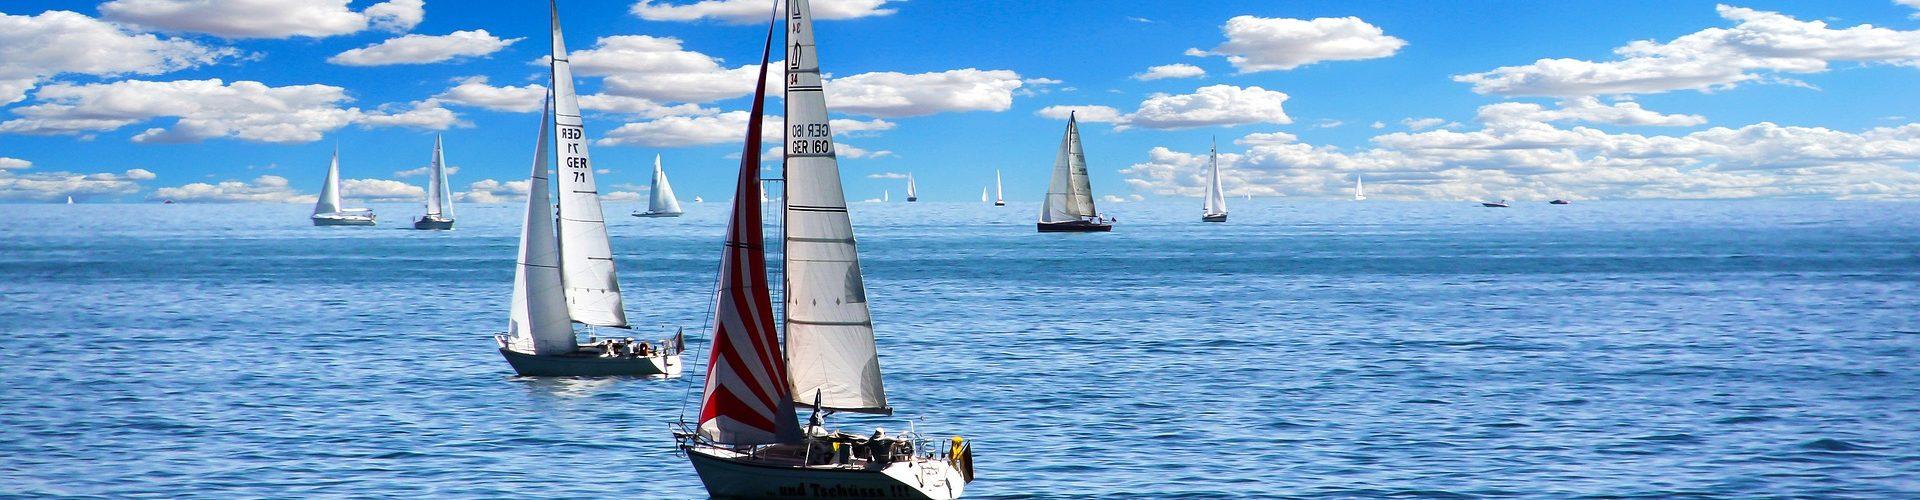 segeln lernen in Buch segelschein machen in Buch 1920x500 - Segeln lernen in Buch